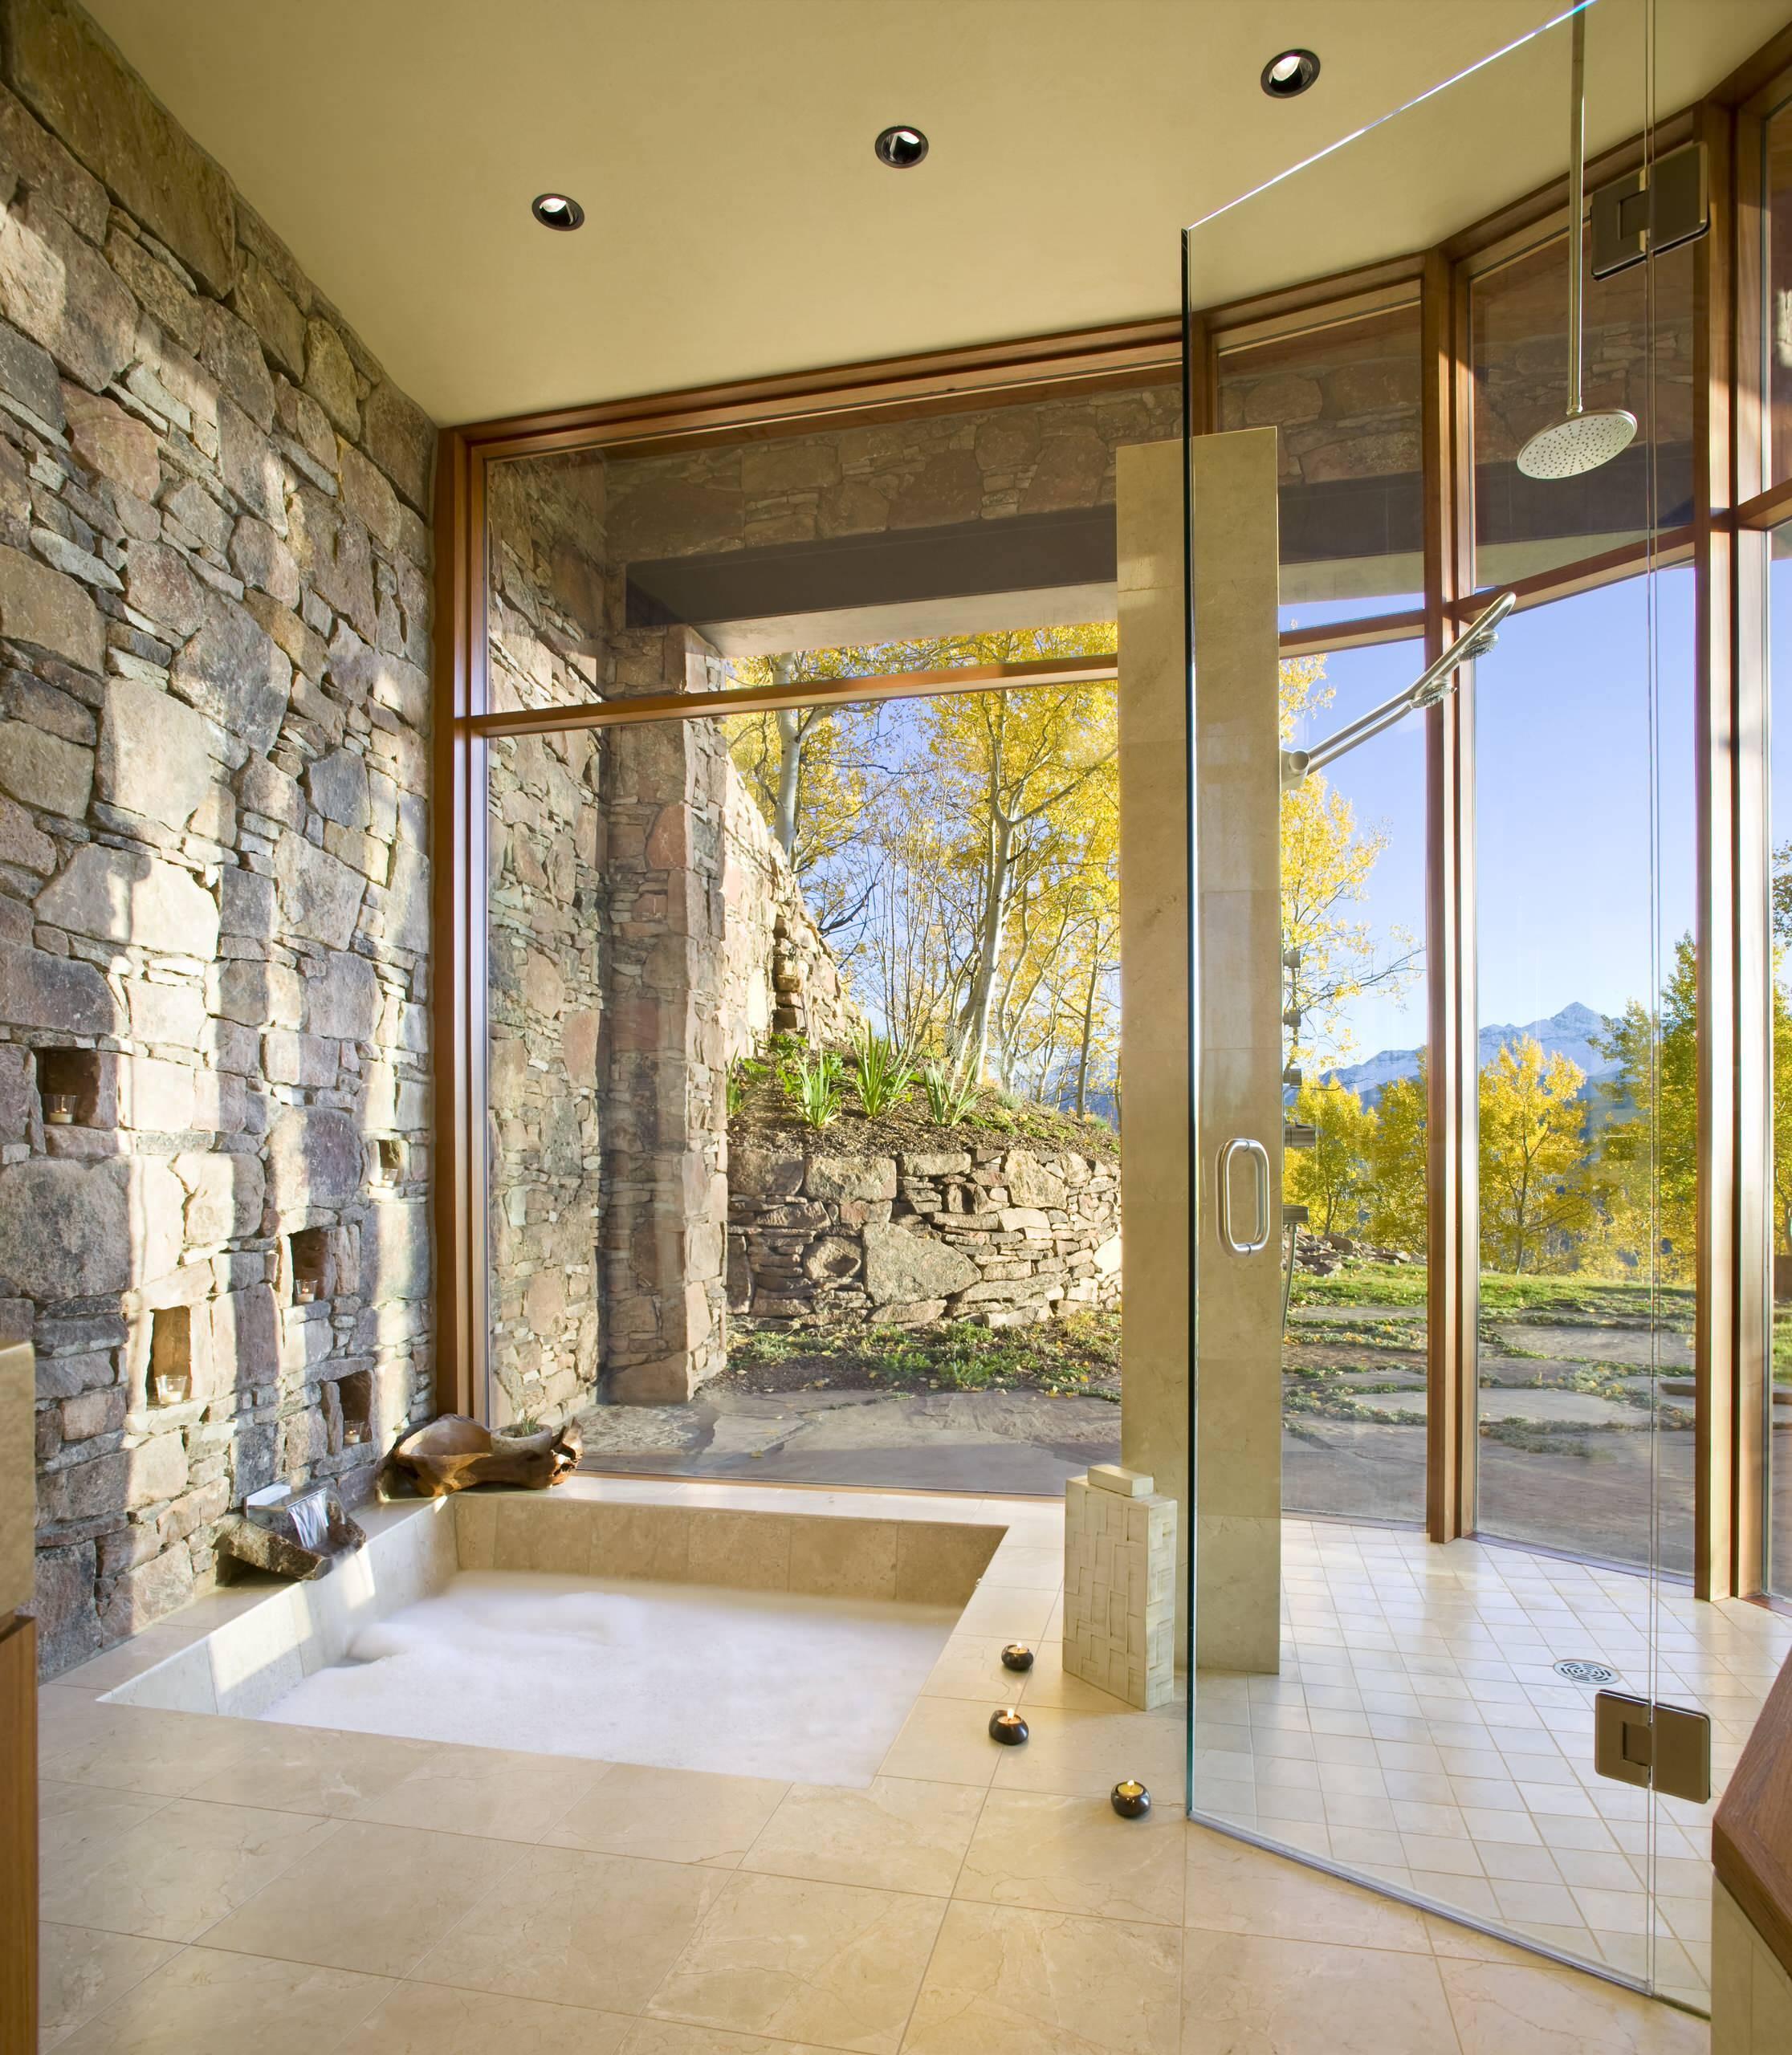 Sunken Bathtub With a View